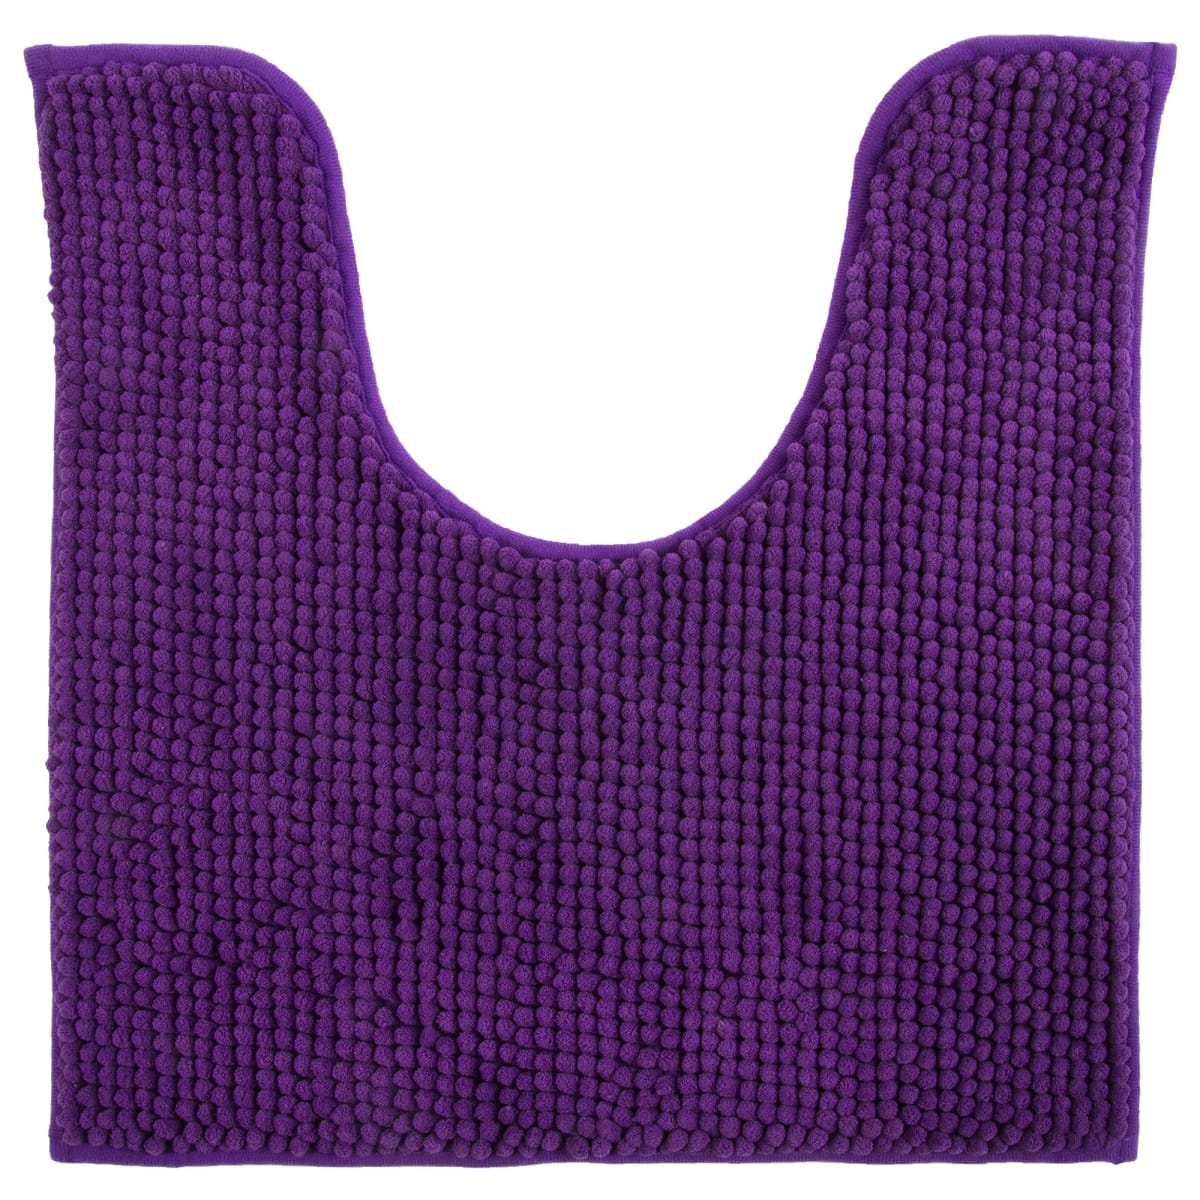 Коврик для туалета Merci, 45х45, полиэстер, цвет фиолетовый